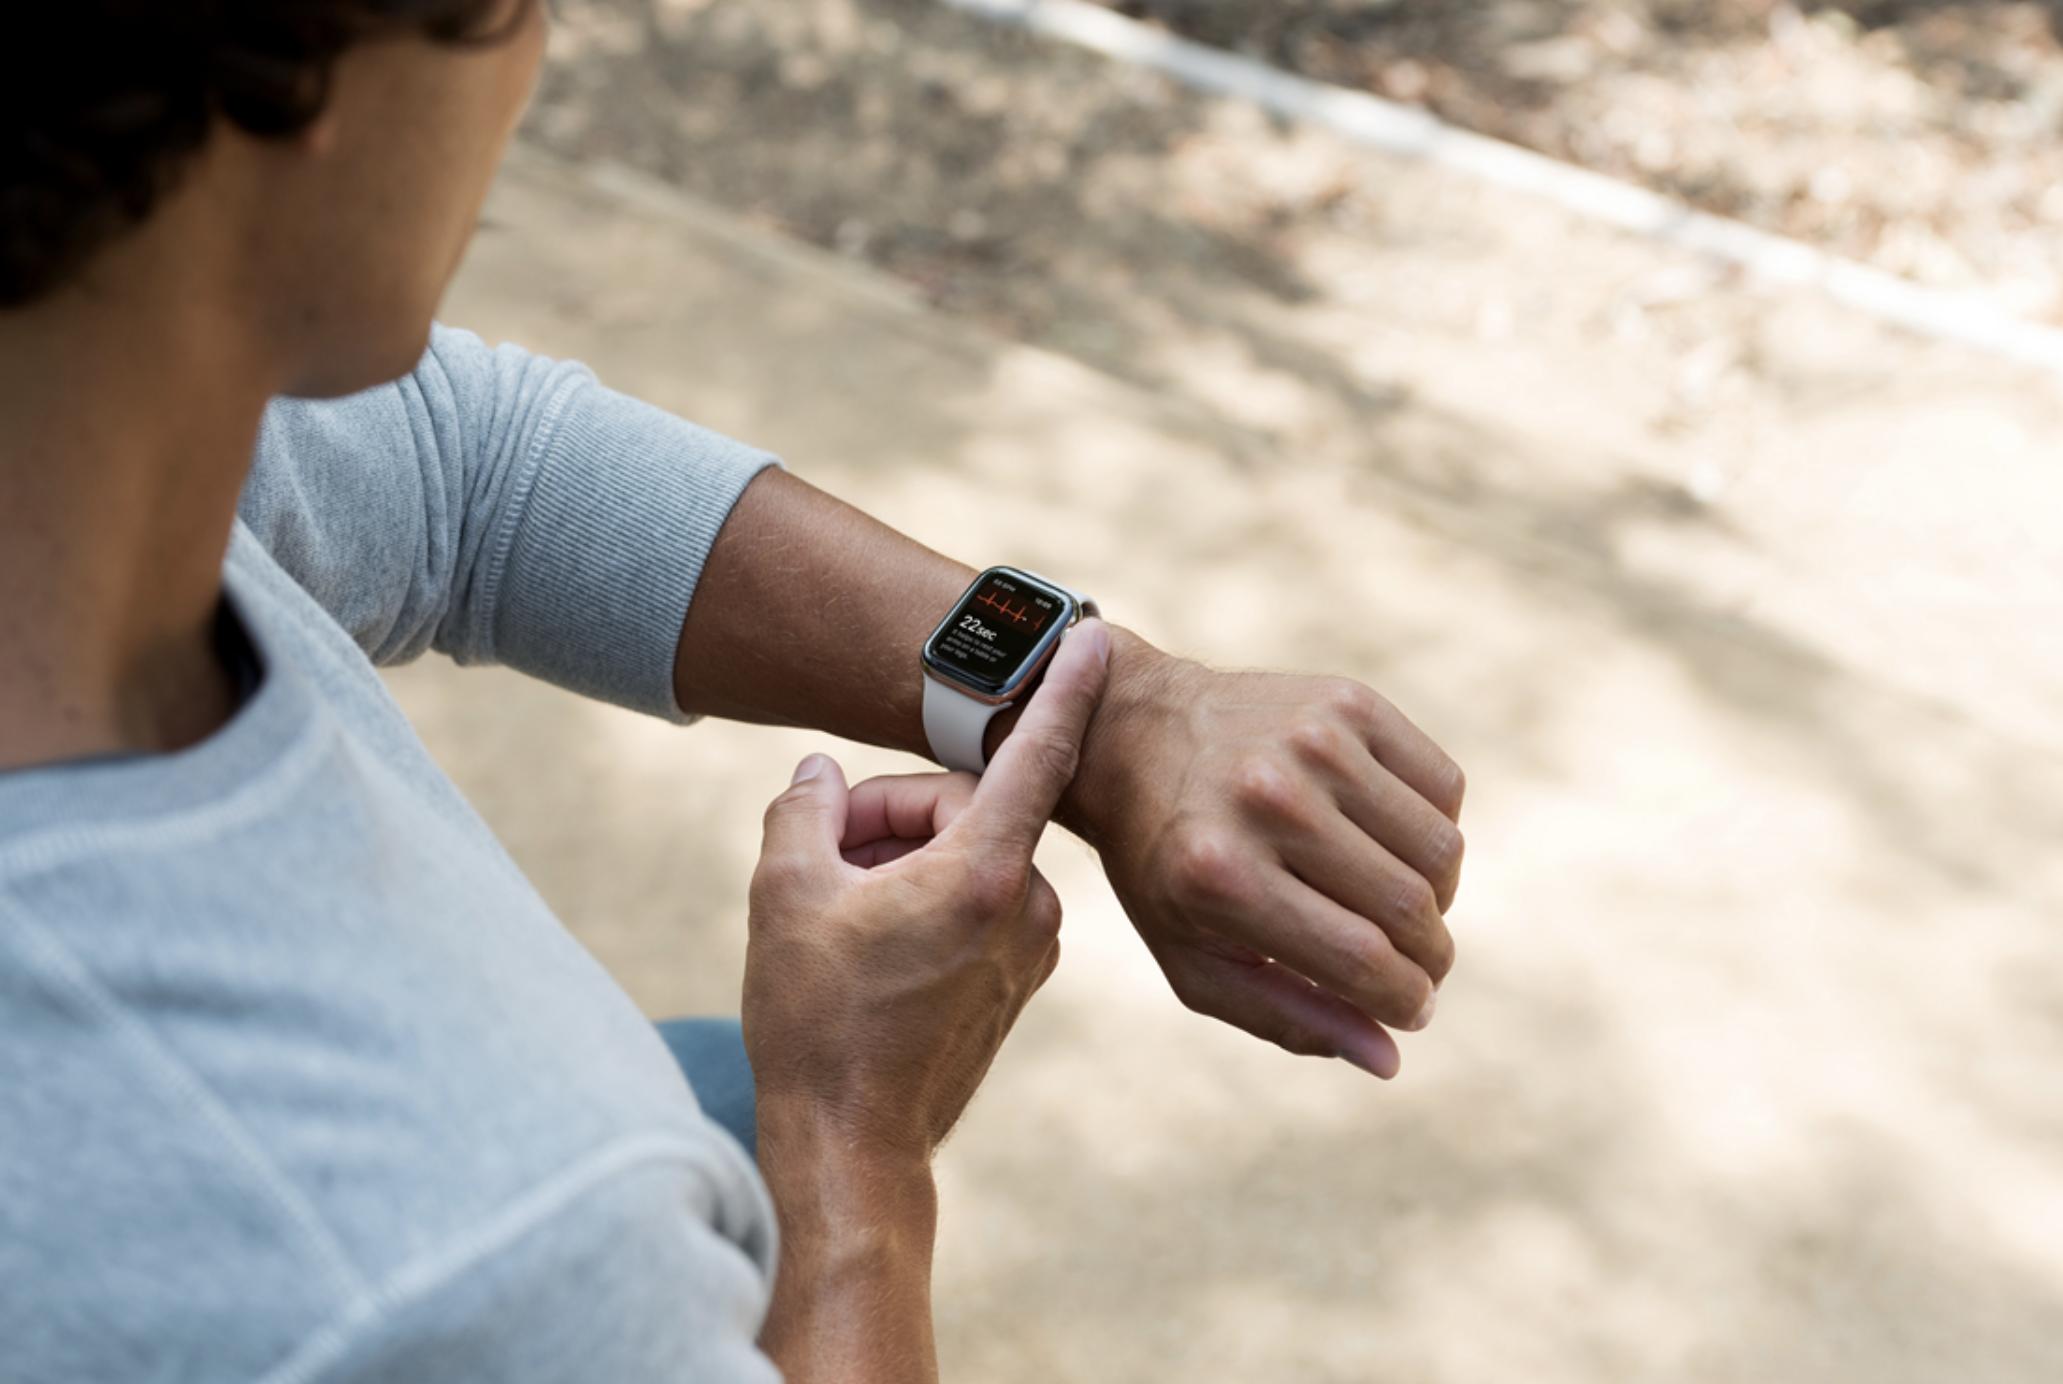 Apple Watch Series 4 EKG- Apple